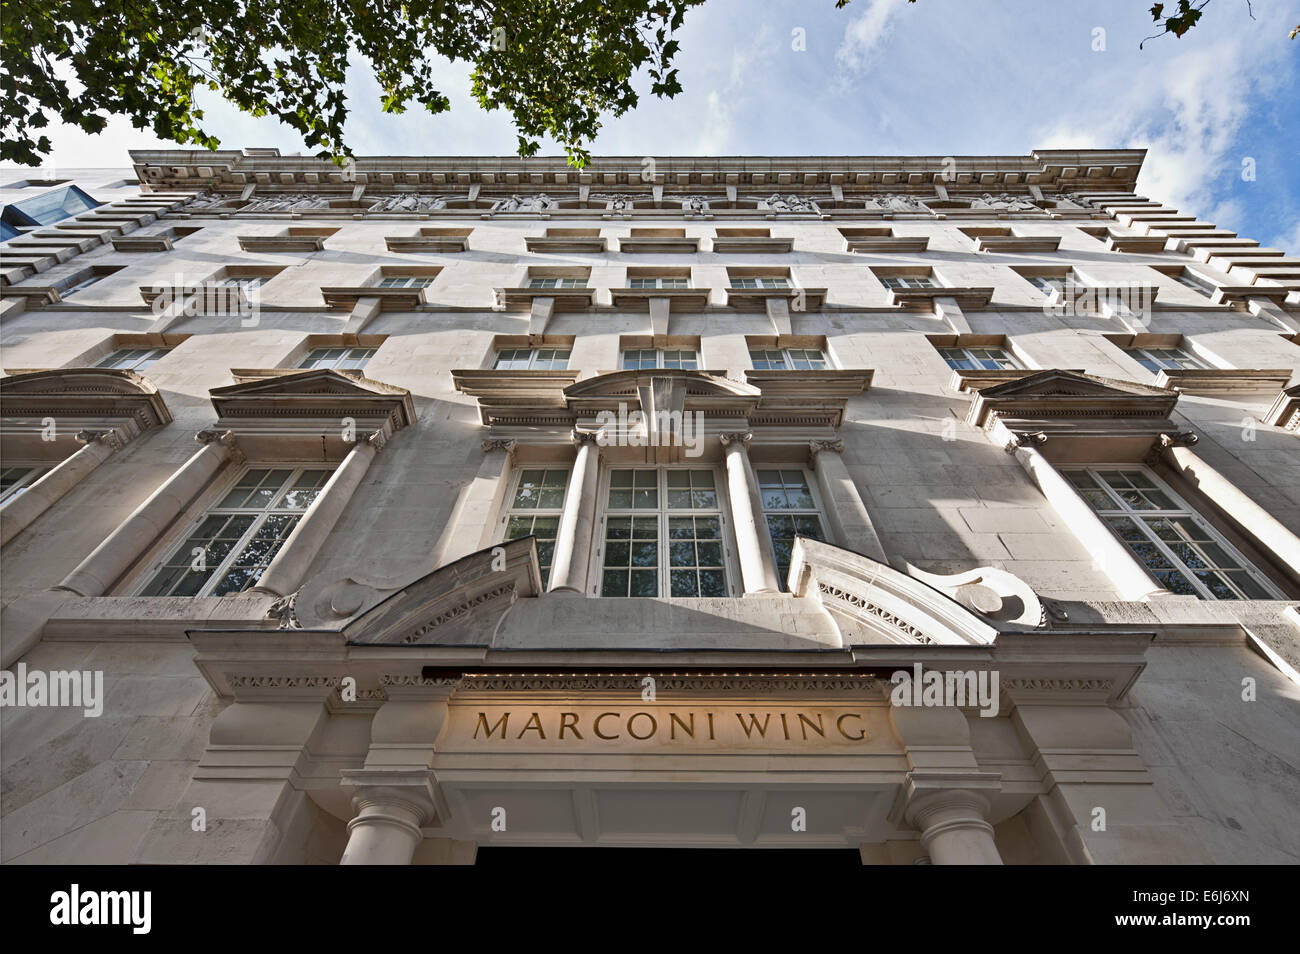 Casa Marconi - uno sviluppo residenziale in The Strand, Londra Immagini Stock